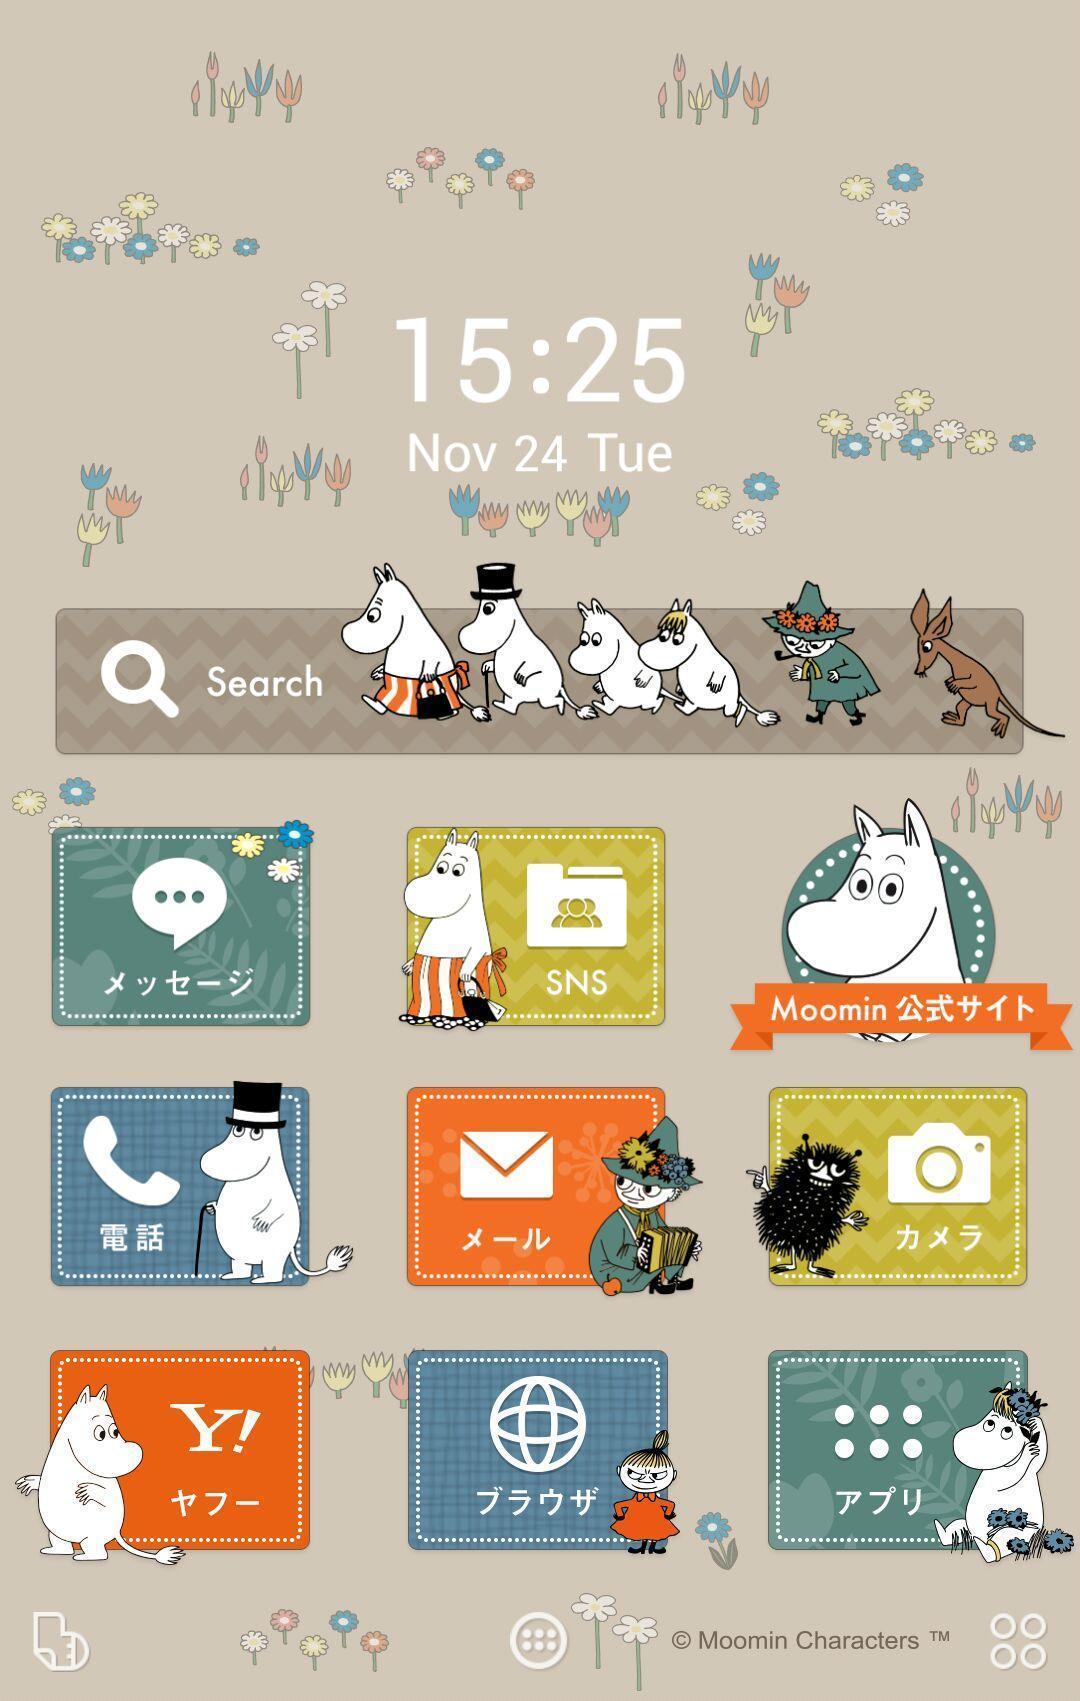 Android 用の ムーミン 壁紙きせかえ Apk をダウンロード